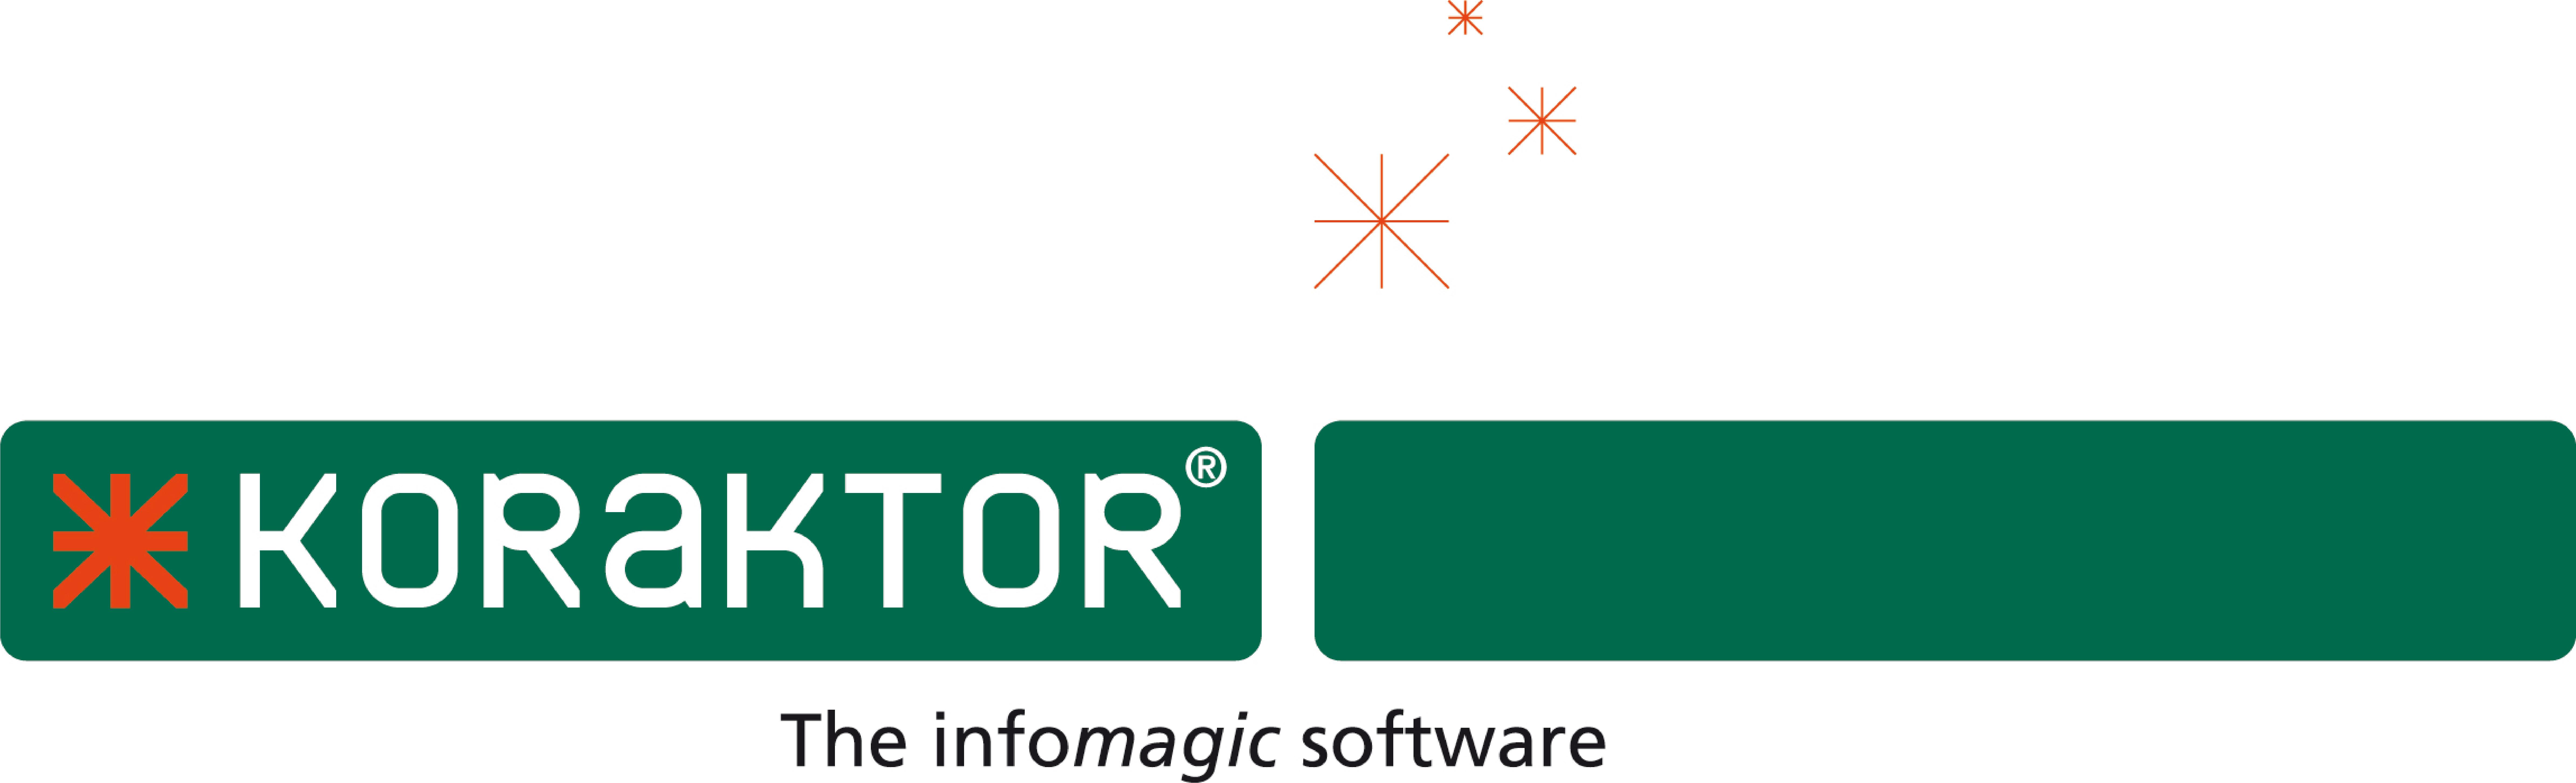 Koraktor Logo